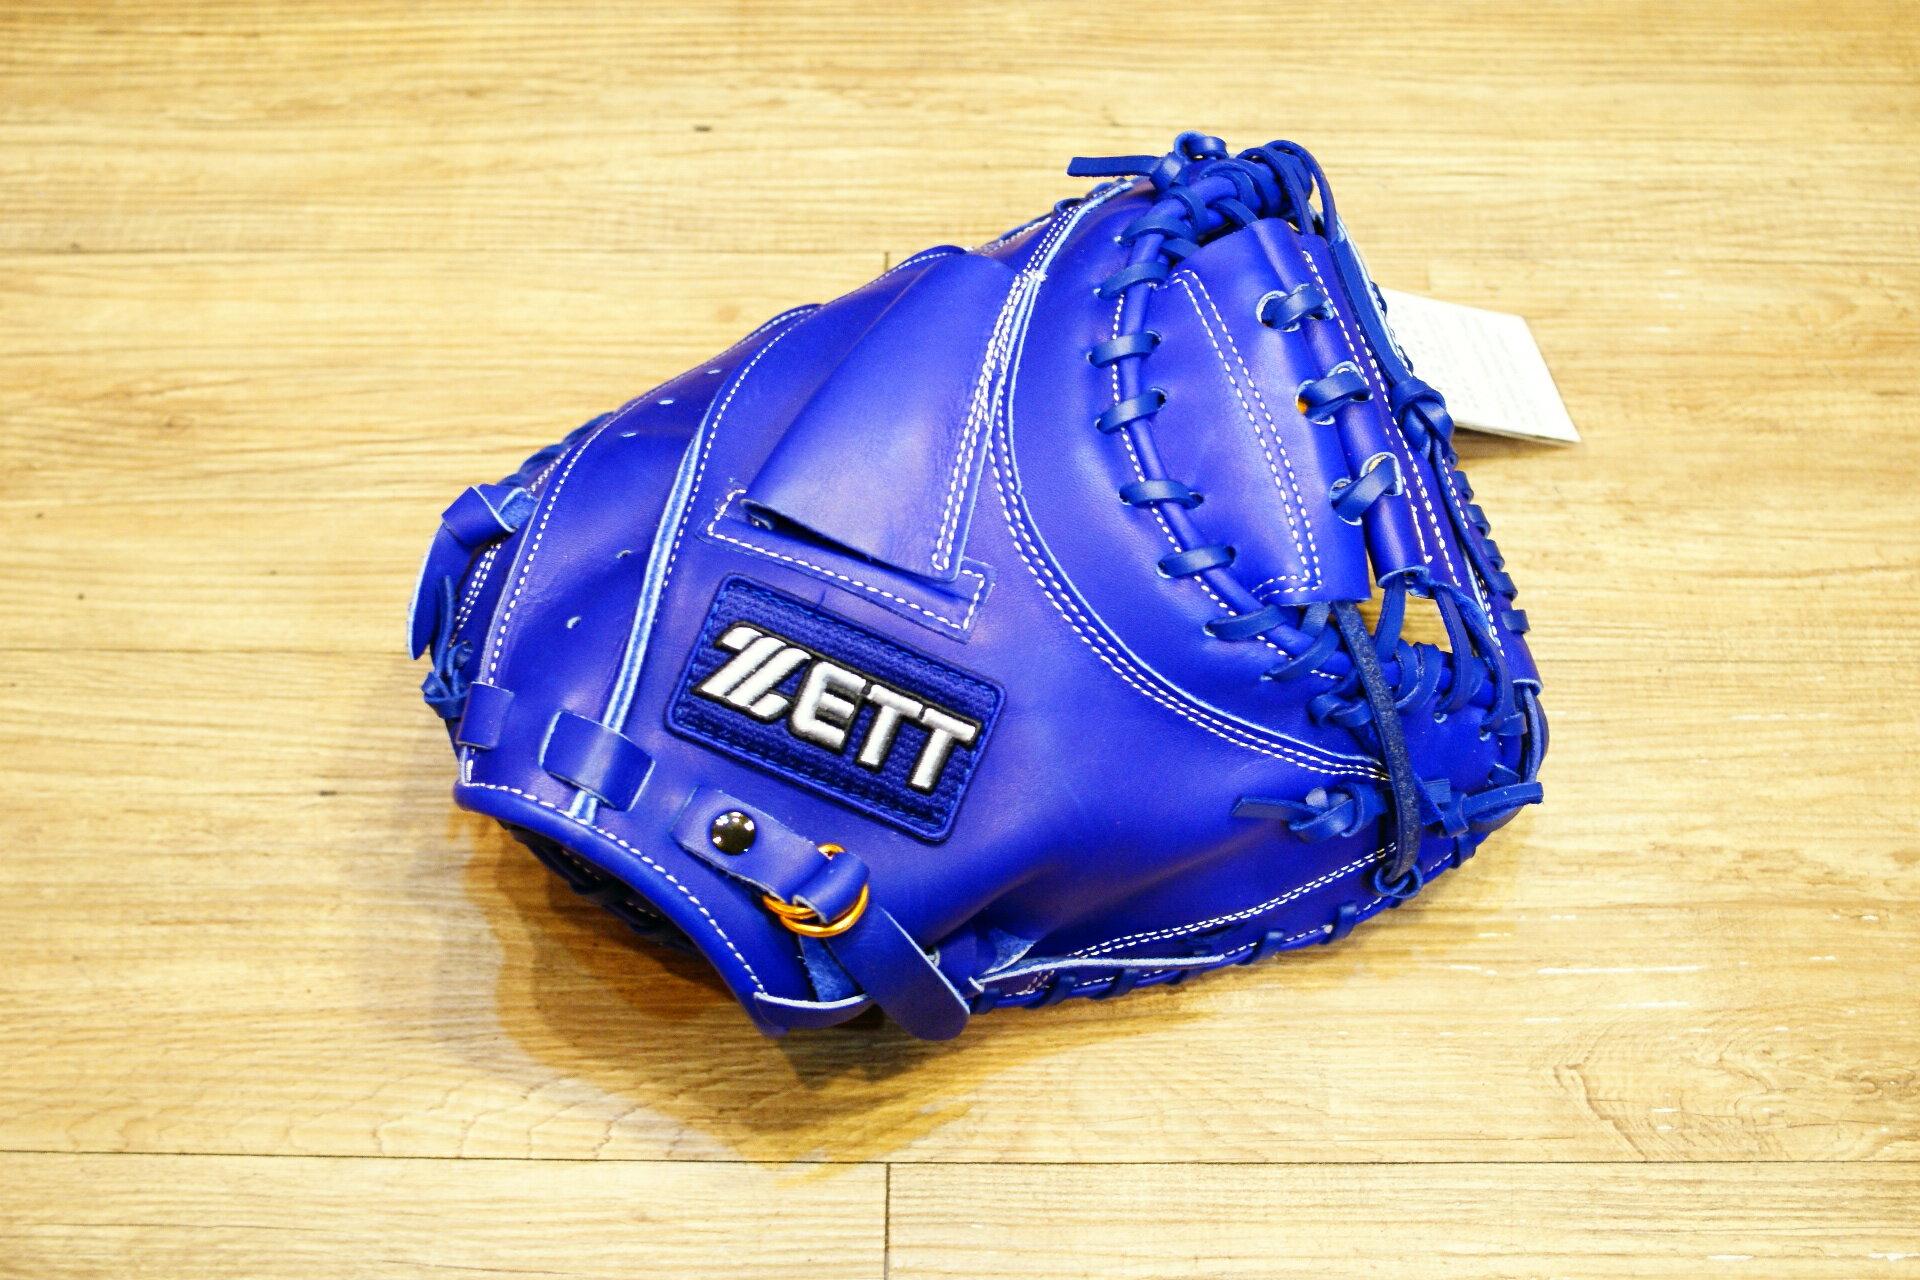 棒球世界 全新ZETT37系列全牛皮白藍標硬式棒球捕手手套 特價 藍色